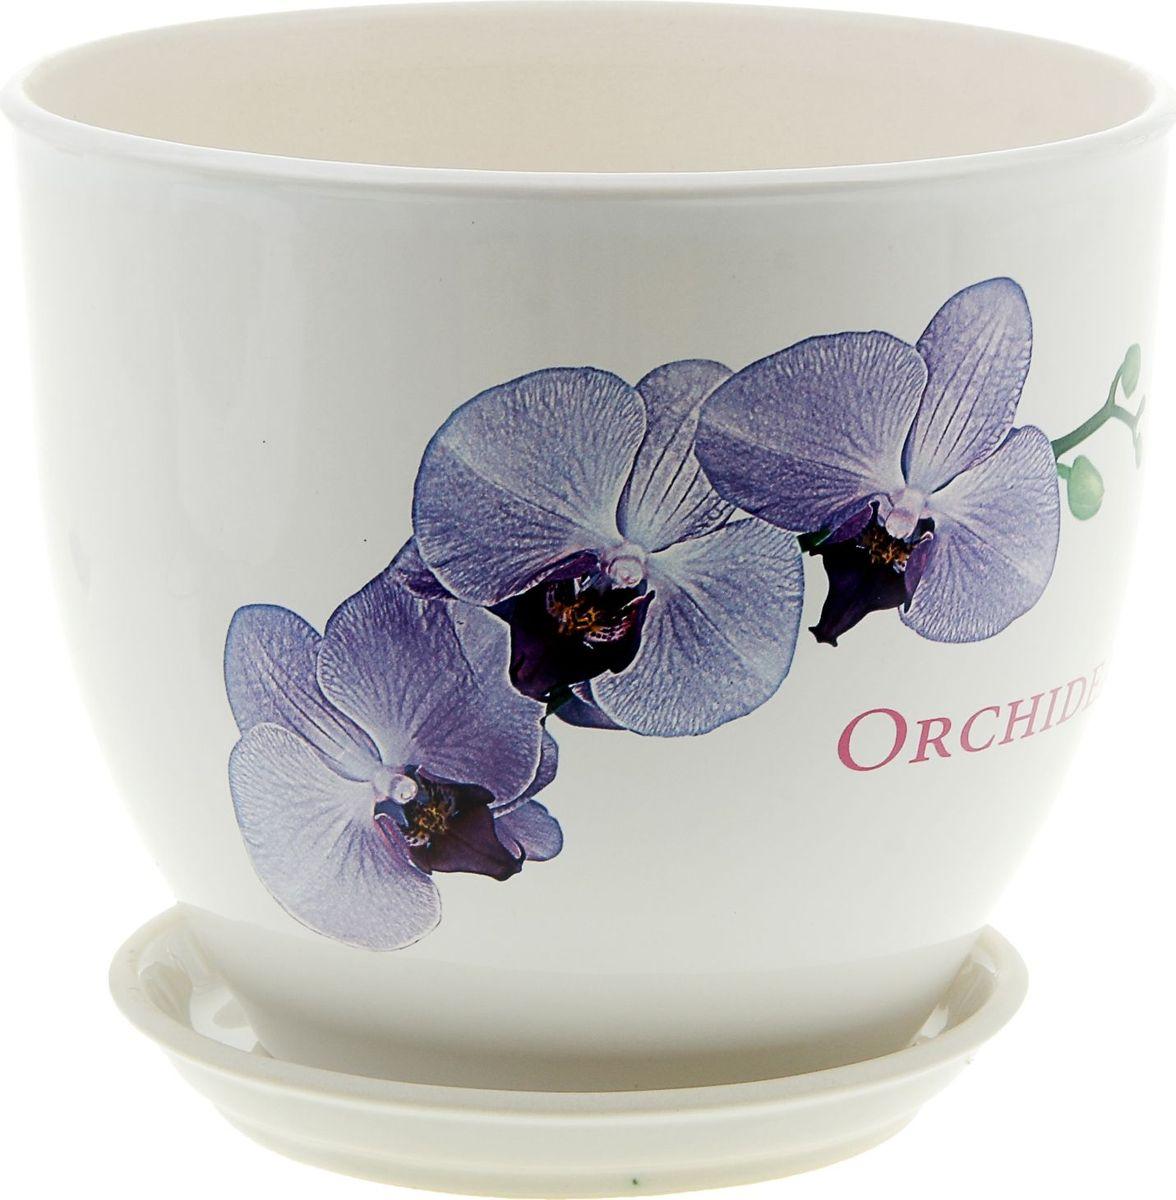 Кашпо Керамика ручной работы Виктор. Орхидея, цвет: белый, 4 л835555Комнатные растения — всеобщие любимцы. Они радуют глаз, насыщают помещение кислородом и украшают пространство. Каждому из них необходим свой удобный и красивый дом. Кашпо из керамики прекрасно подходят для высадки растений: за счёт пластичности глины и разных способов обработки существует великое множество форм и дизайновпористый материал позволяет испаряться лишней влагевоздух, необходимый для дыхания корней, проникает сквозь керамические стенки! #name# позаботится о зелёном питомце, освежит интерьер и подчеркнёт его стиль.